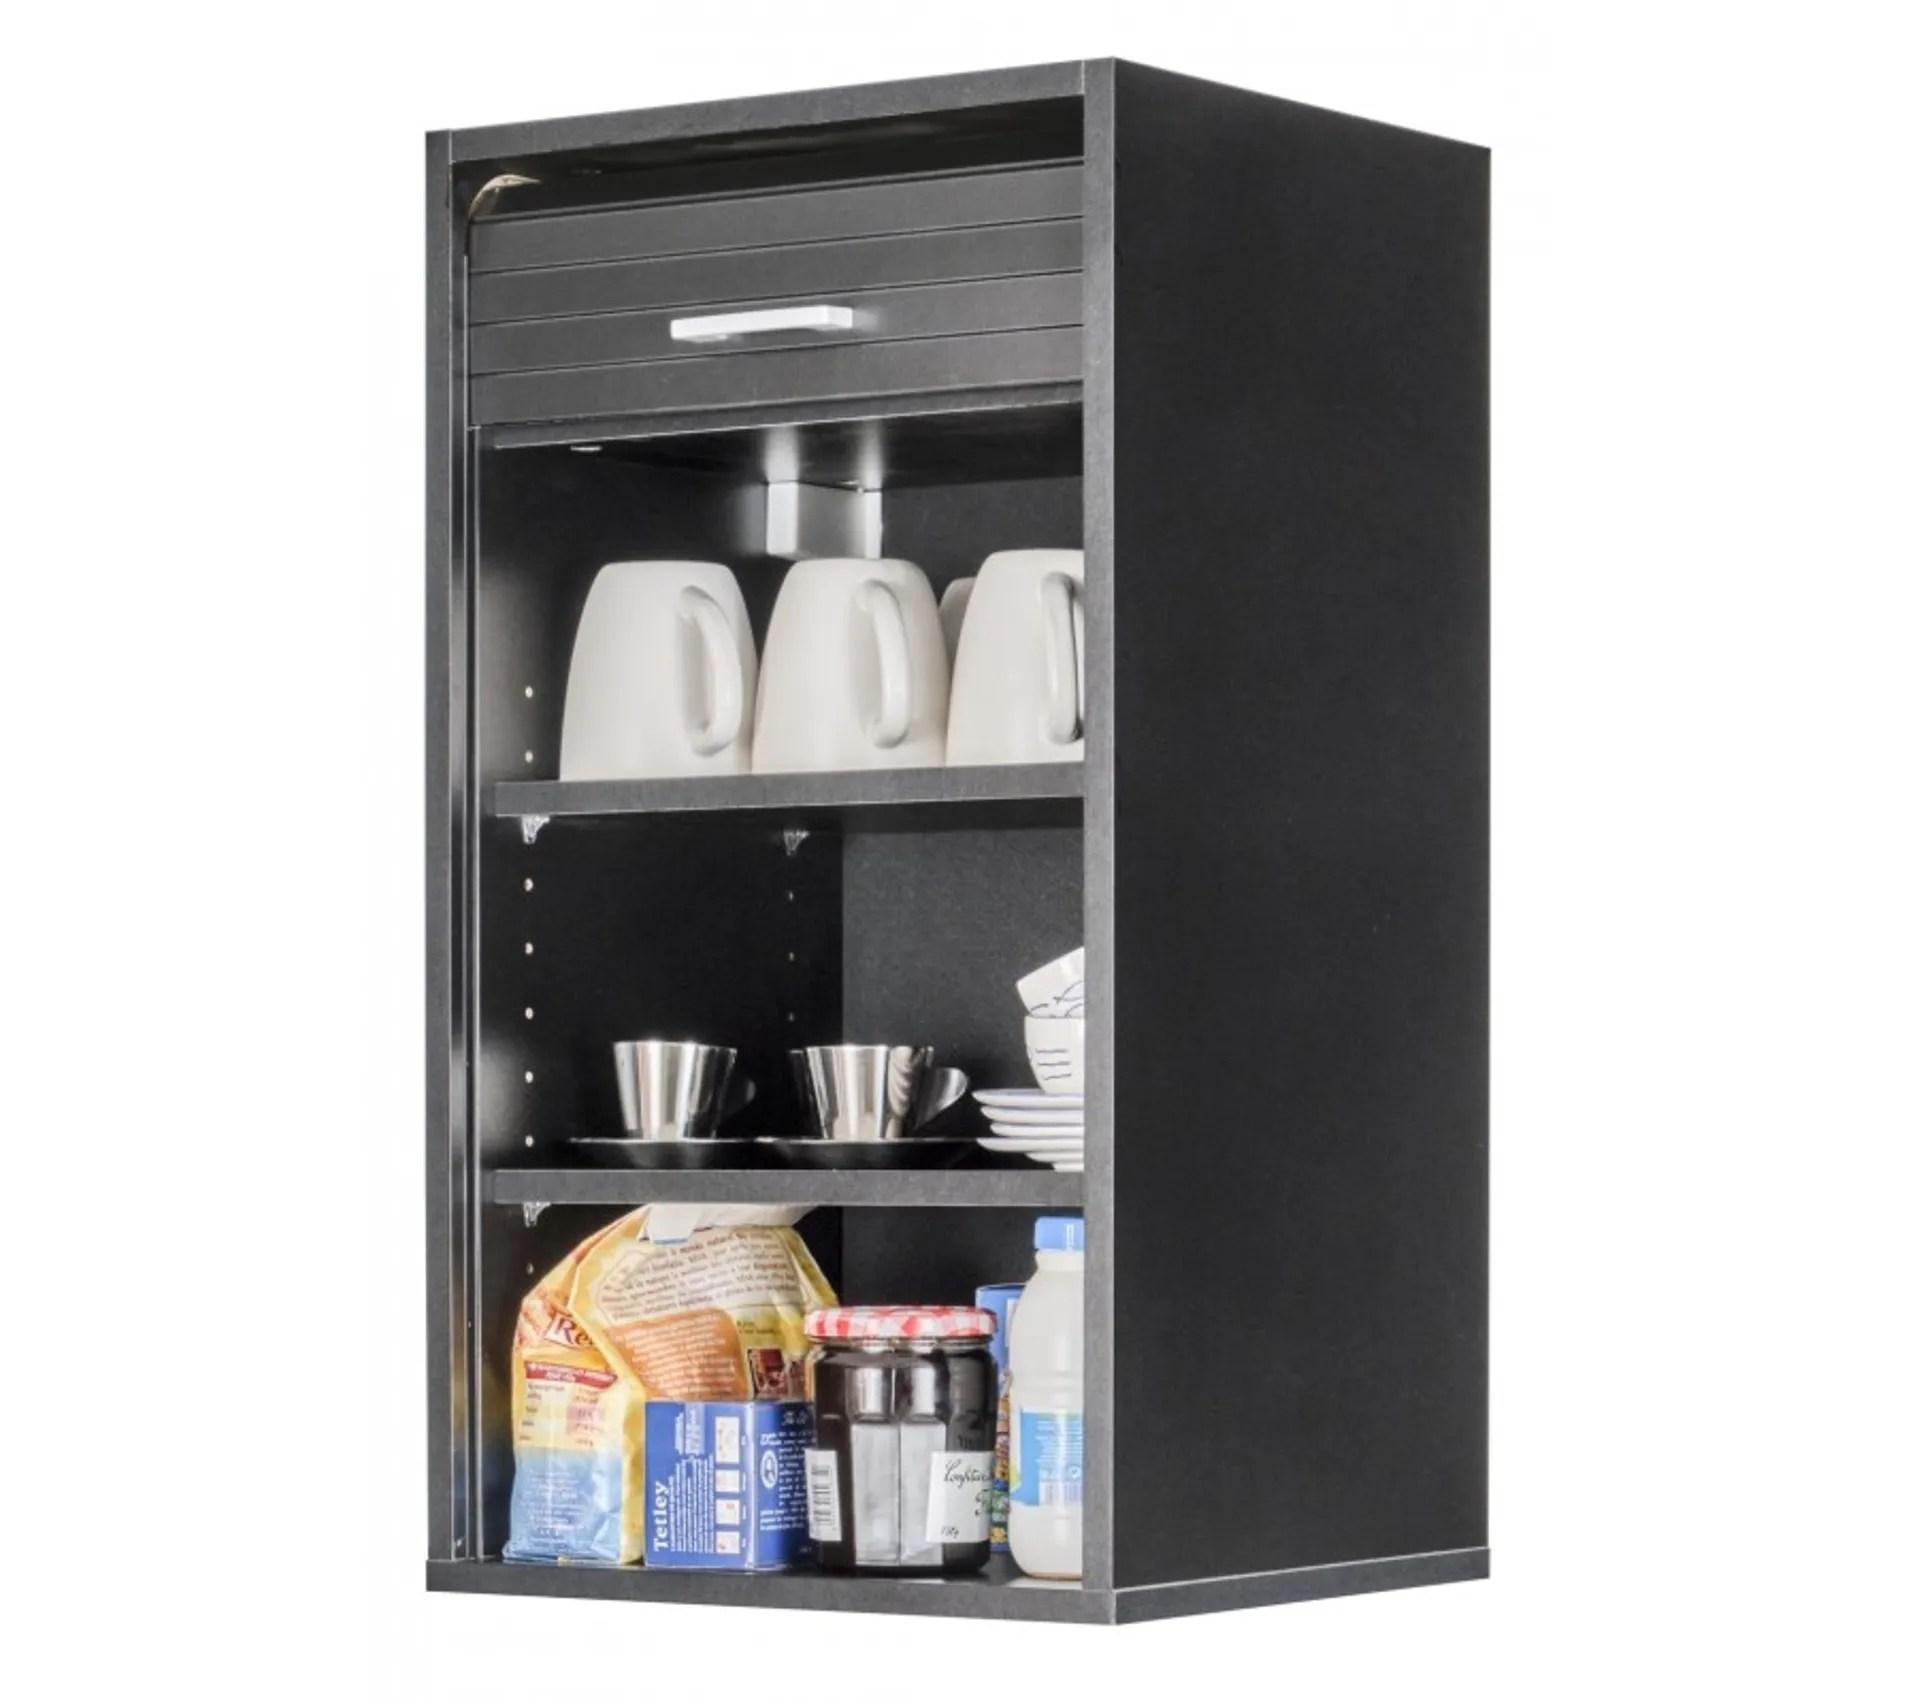 meuble de cuisine noir l 40 cm h 72 cm